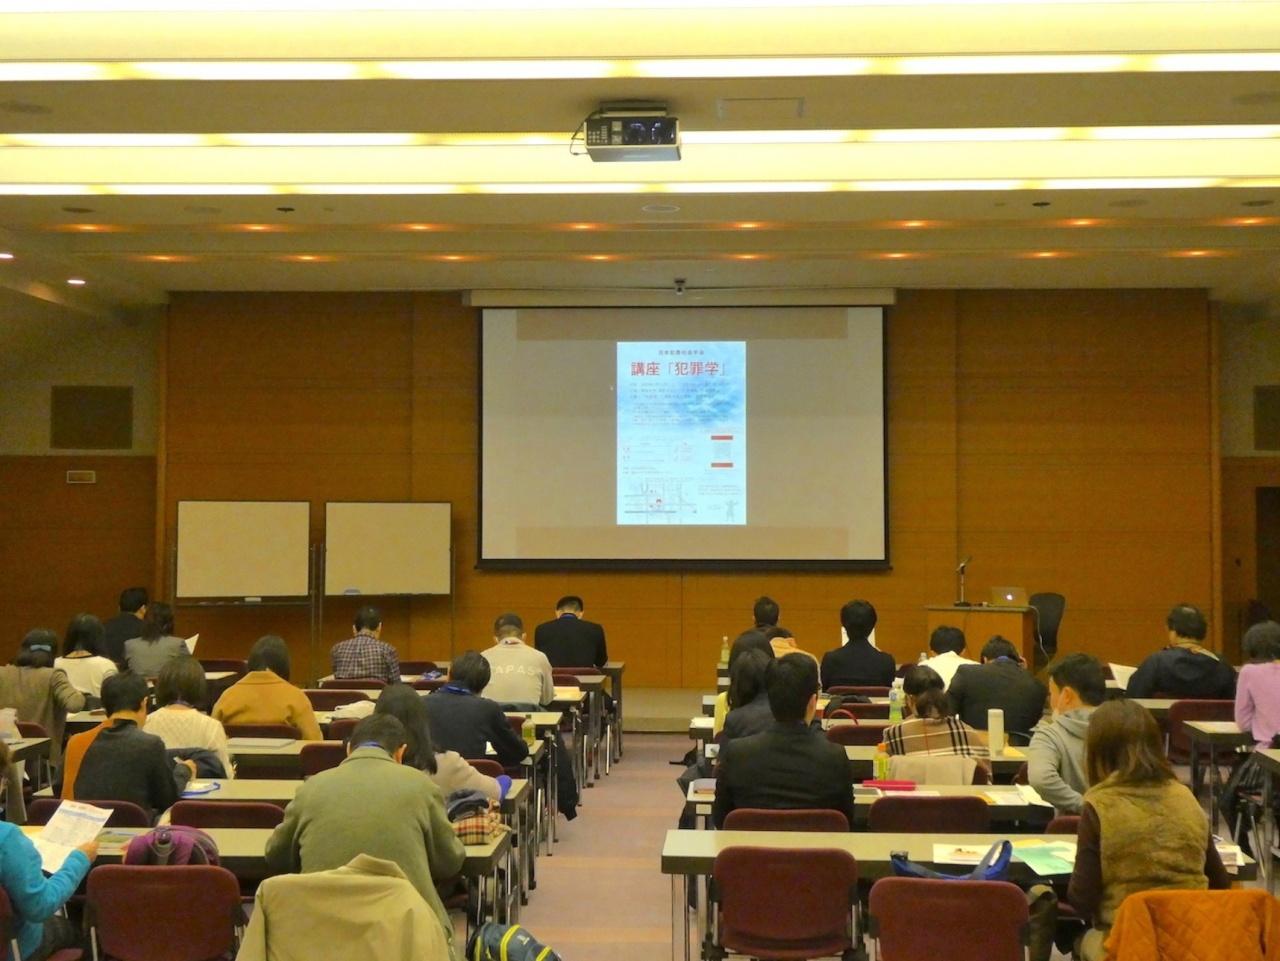 日本犯罪社会学会による講座「犯罪学」のようす